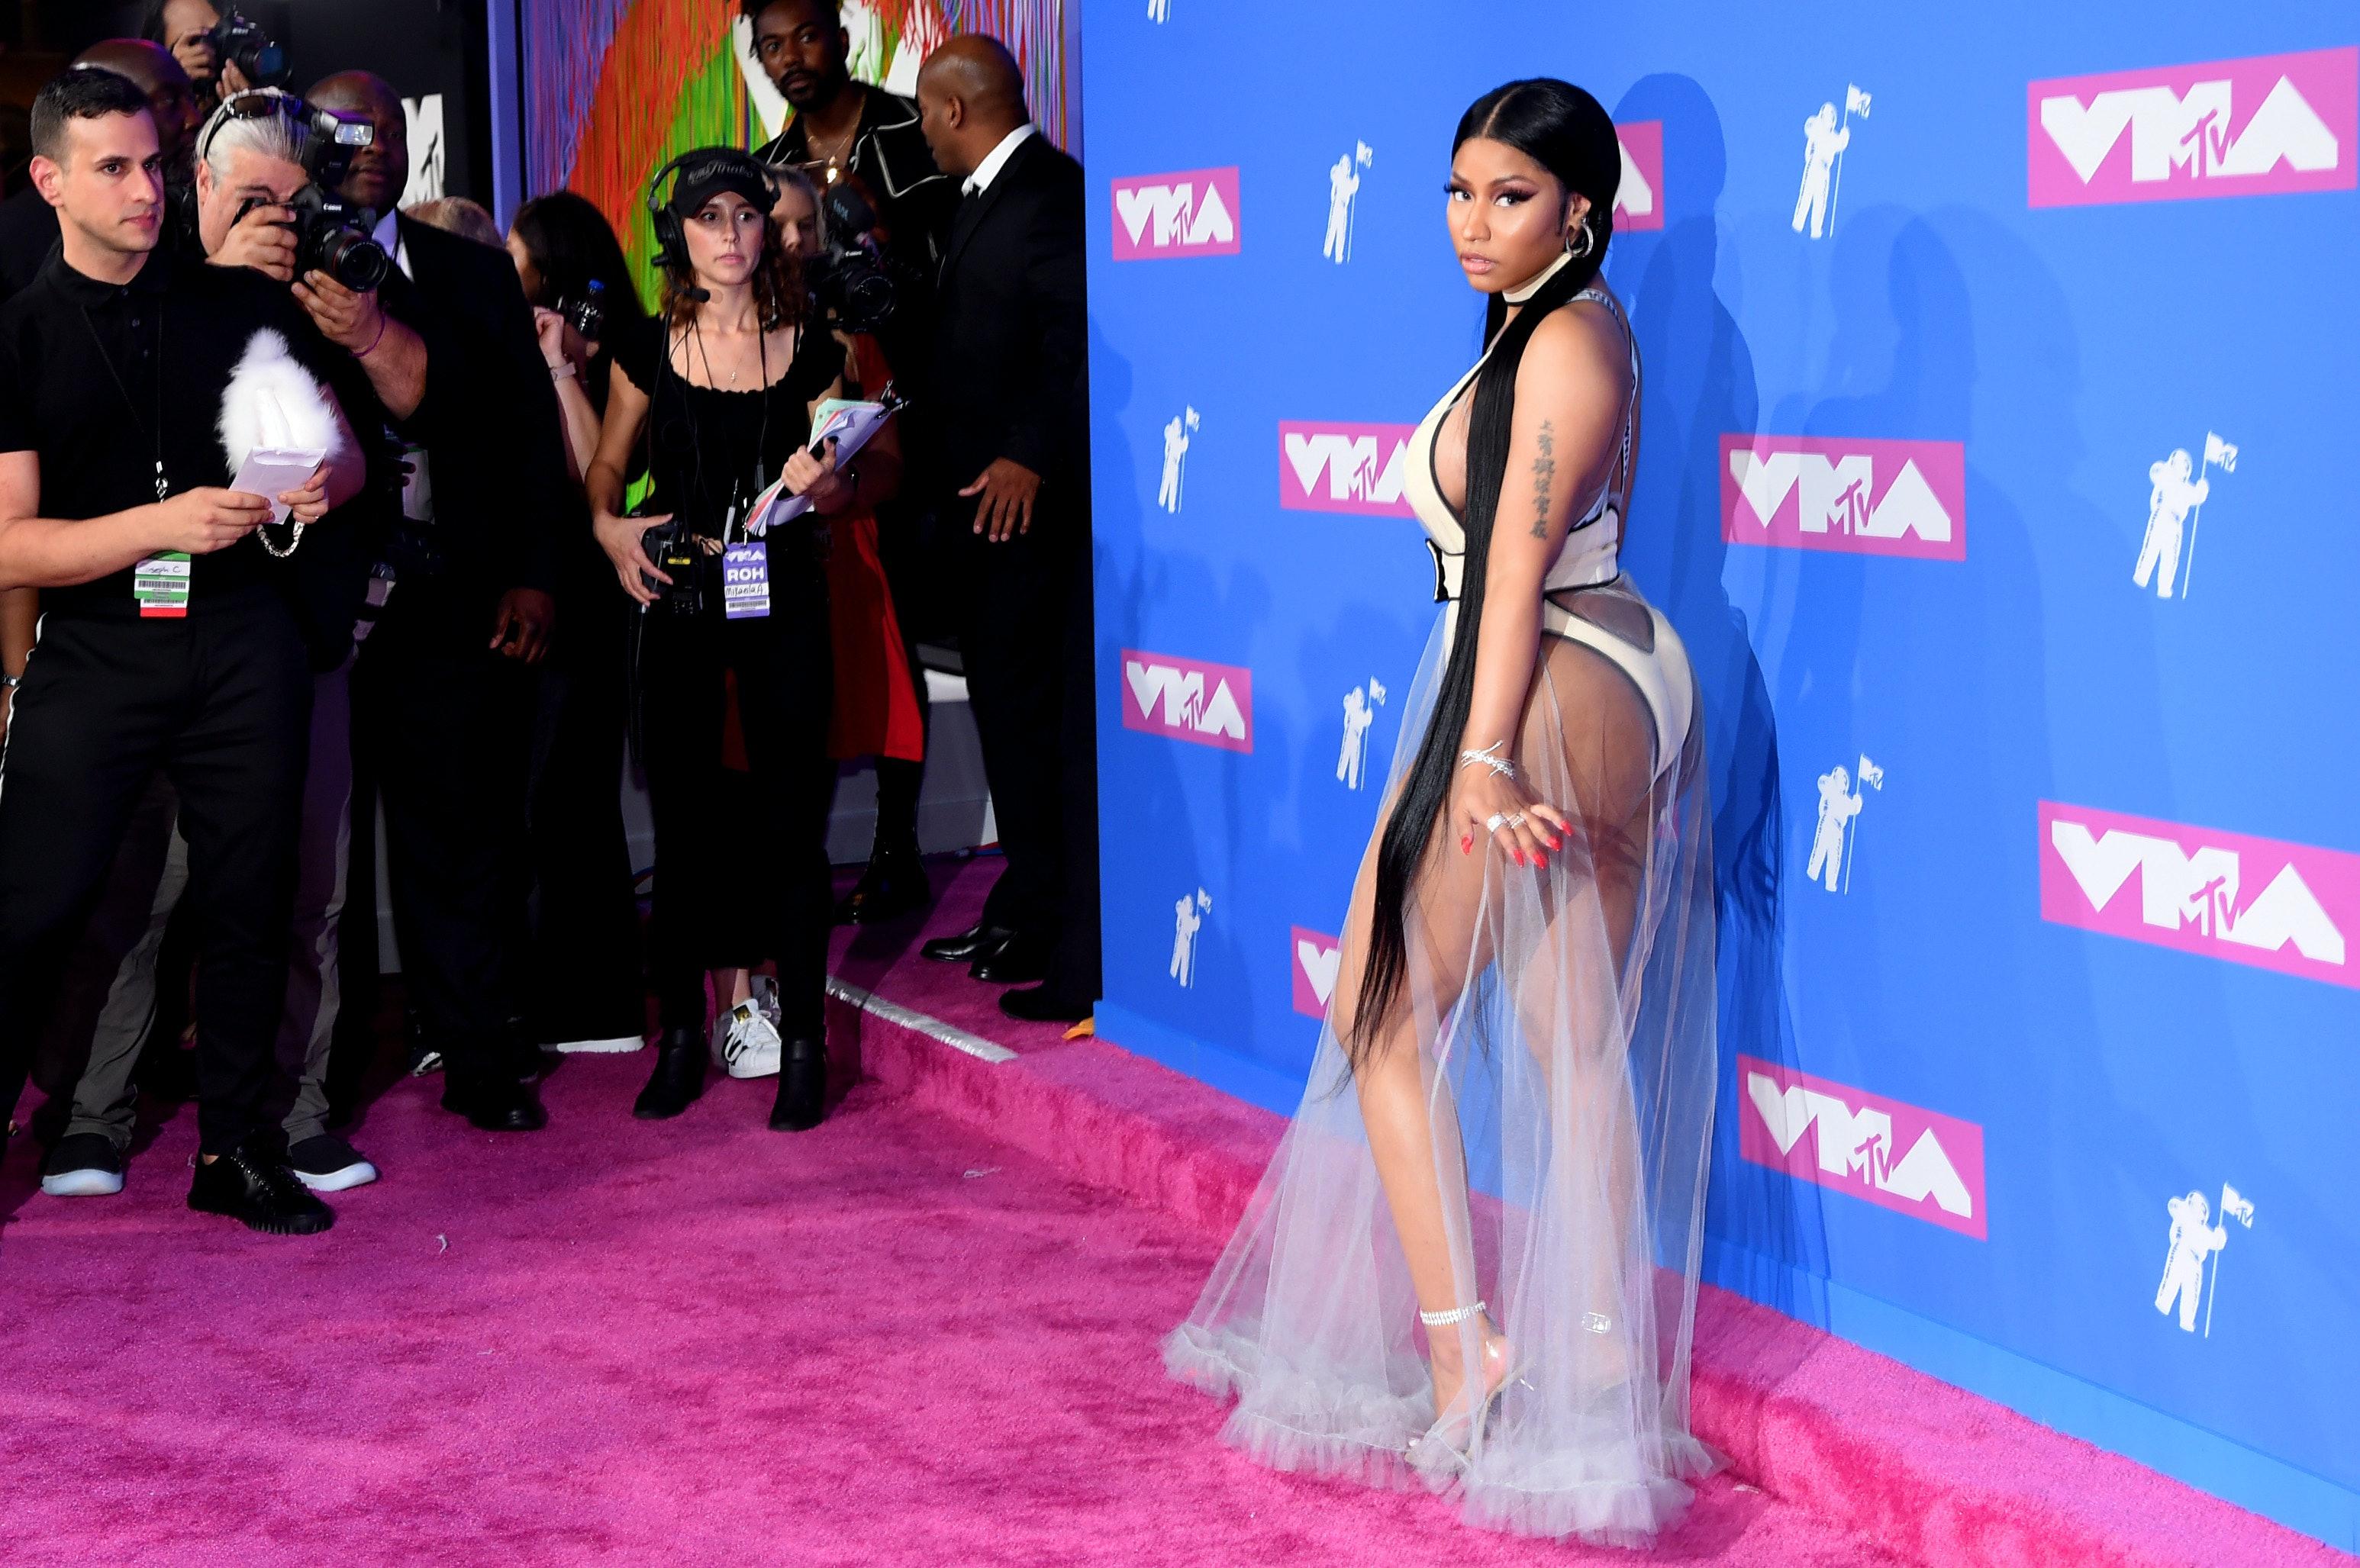 Minaj Nicki vma pictures exclusive photo